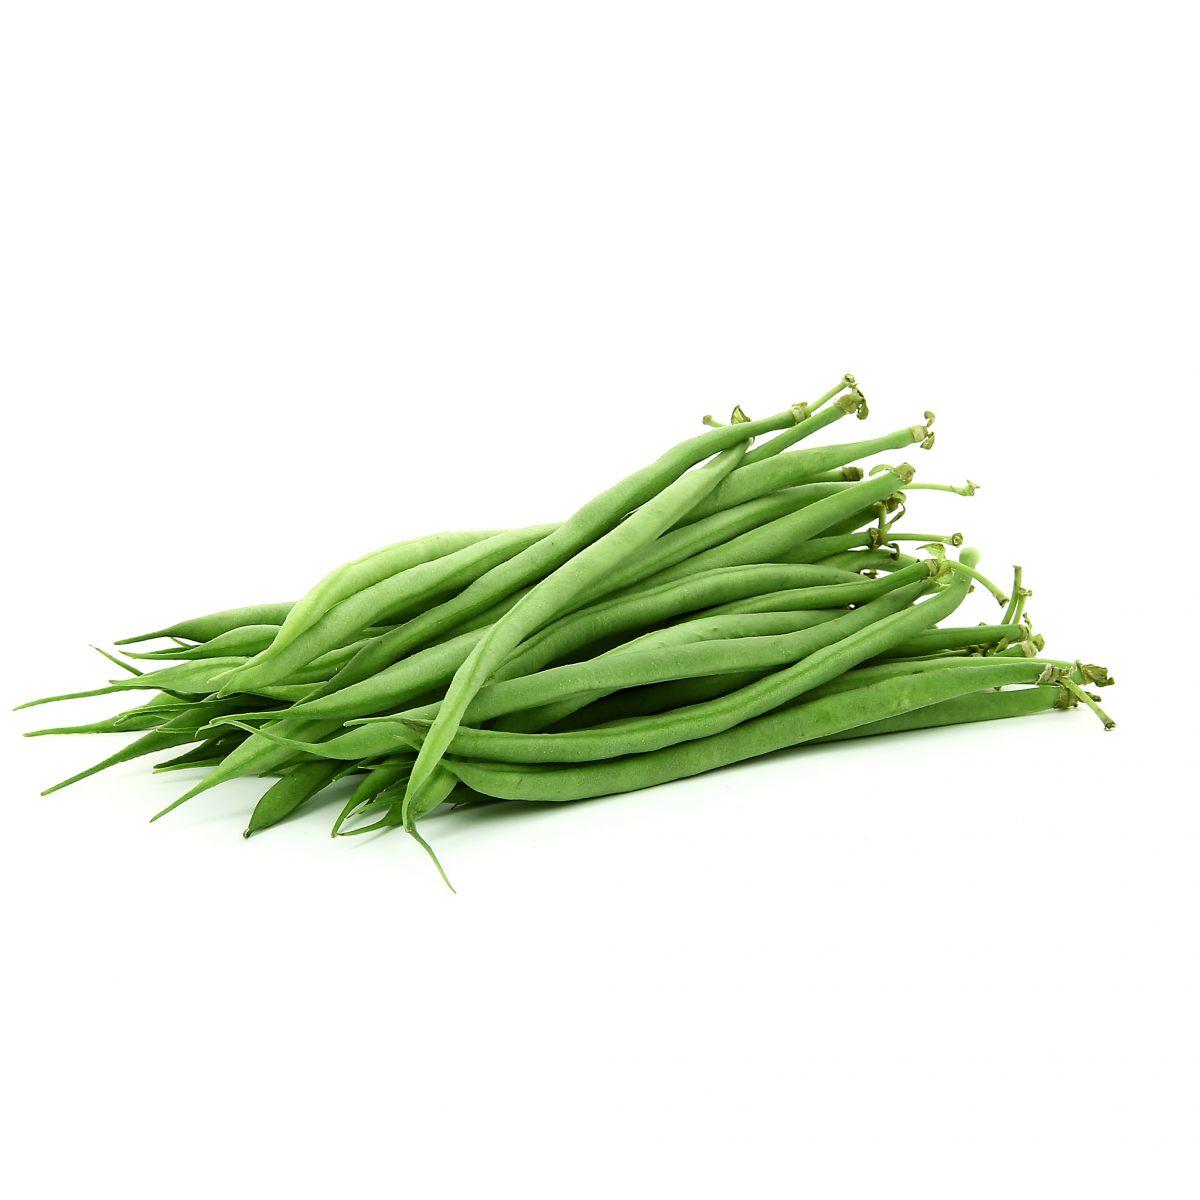 Haricot vert l gumes - Haricot vert fruit ou legume ...